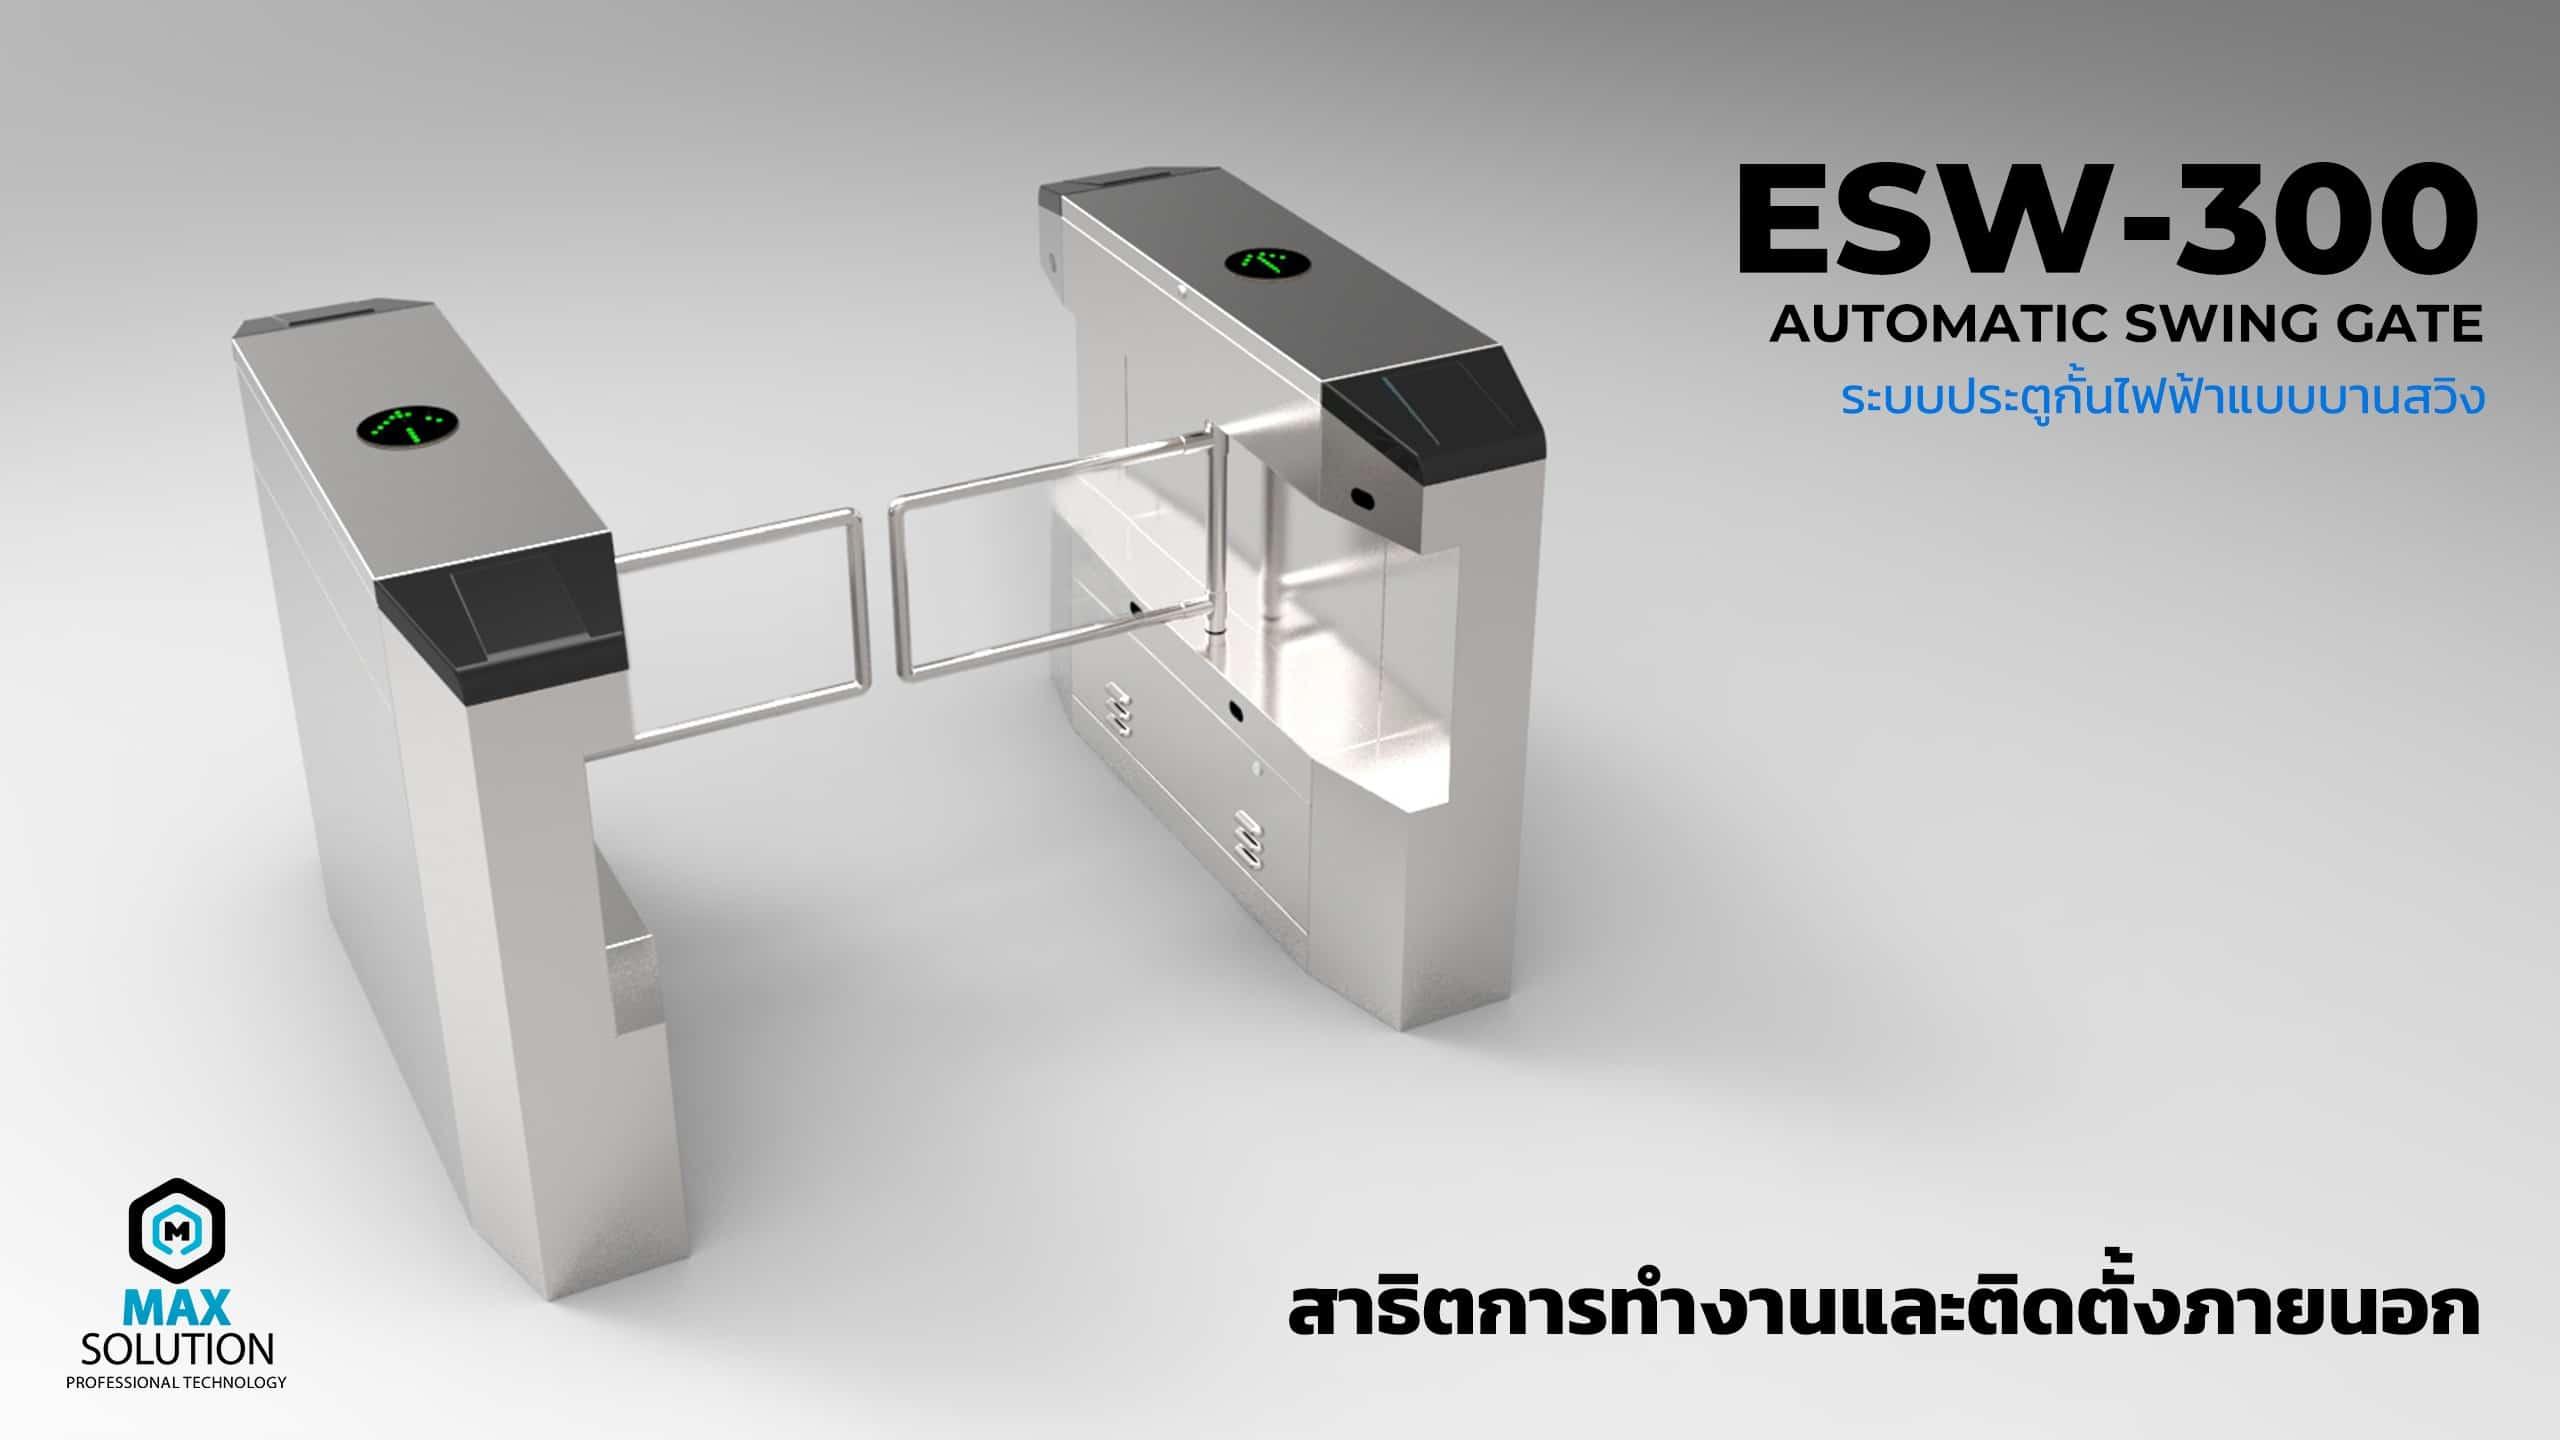 สาธิตการติดตั้งภายนอกอาคารของ ESW-300 Swing Gate